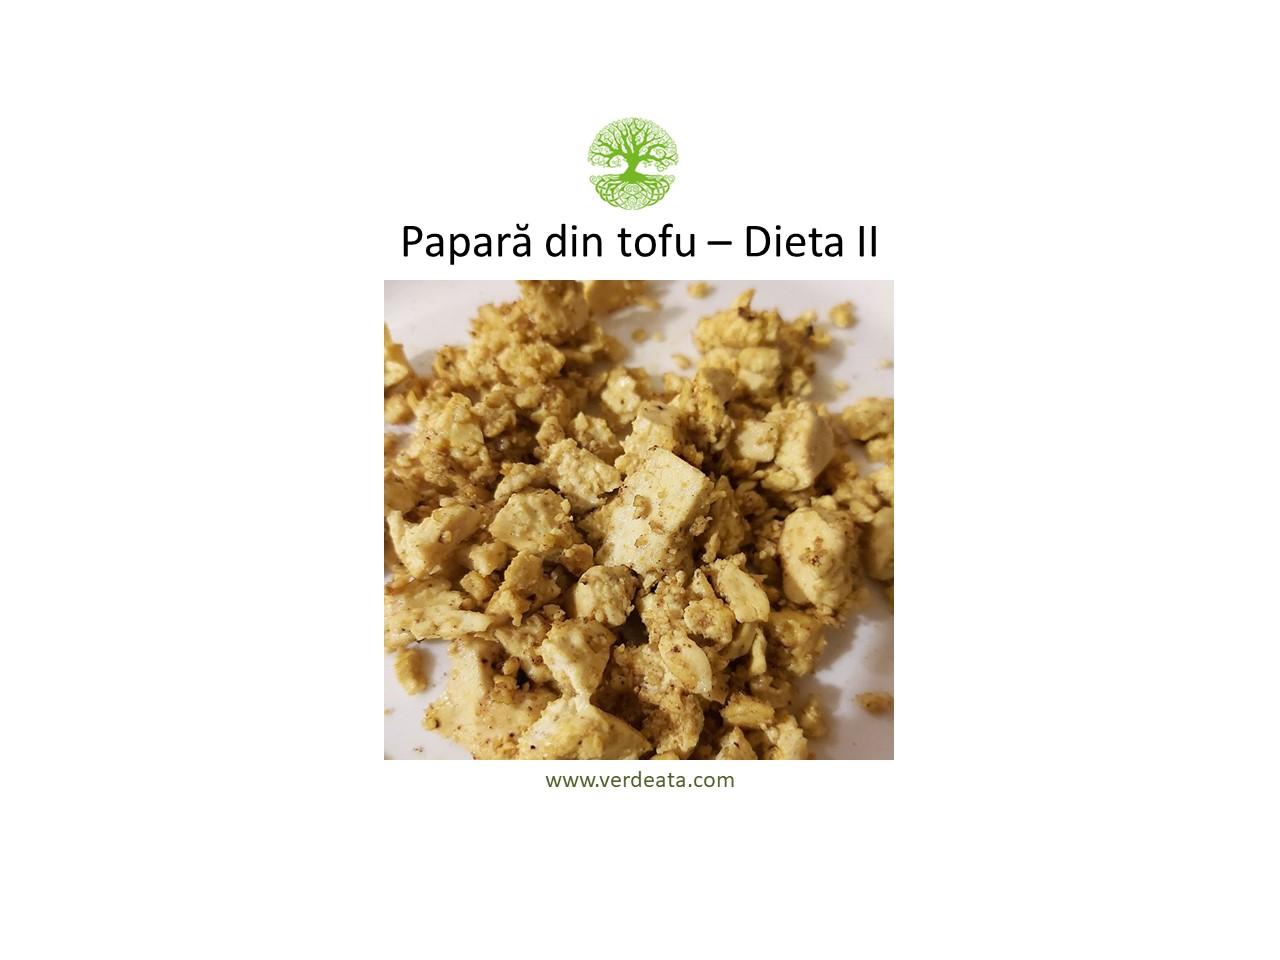 Papară din tofu - Dieta II